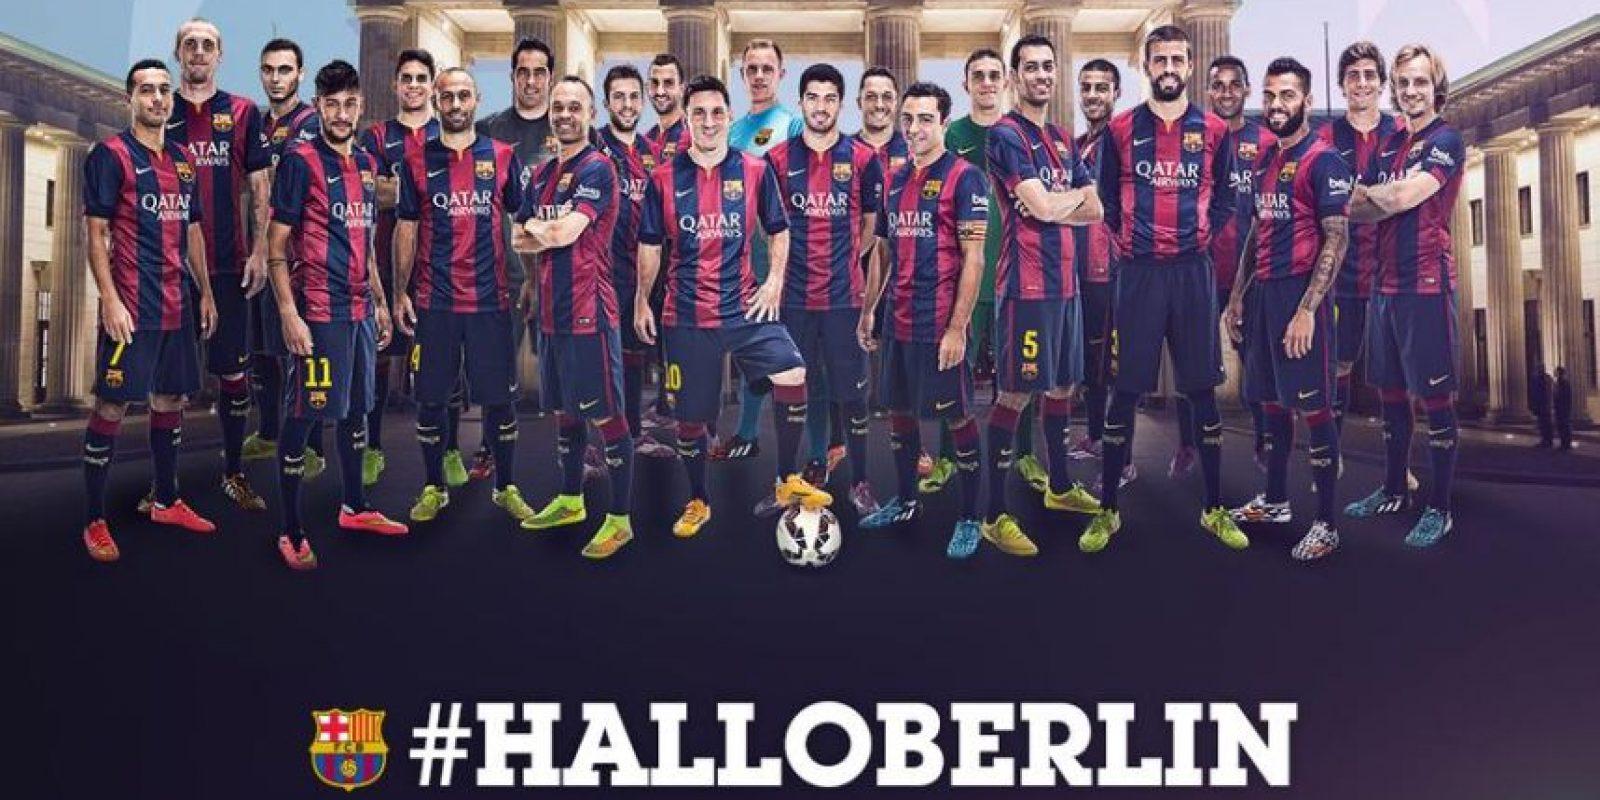 """""""Hola Berlín"""", fue la imagen que compartió el Barcelona en sus redes sociales al final del duelo en Munich. Foto:Vía twitter.com/fcbarcelona_es"""